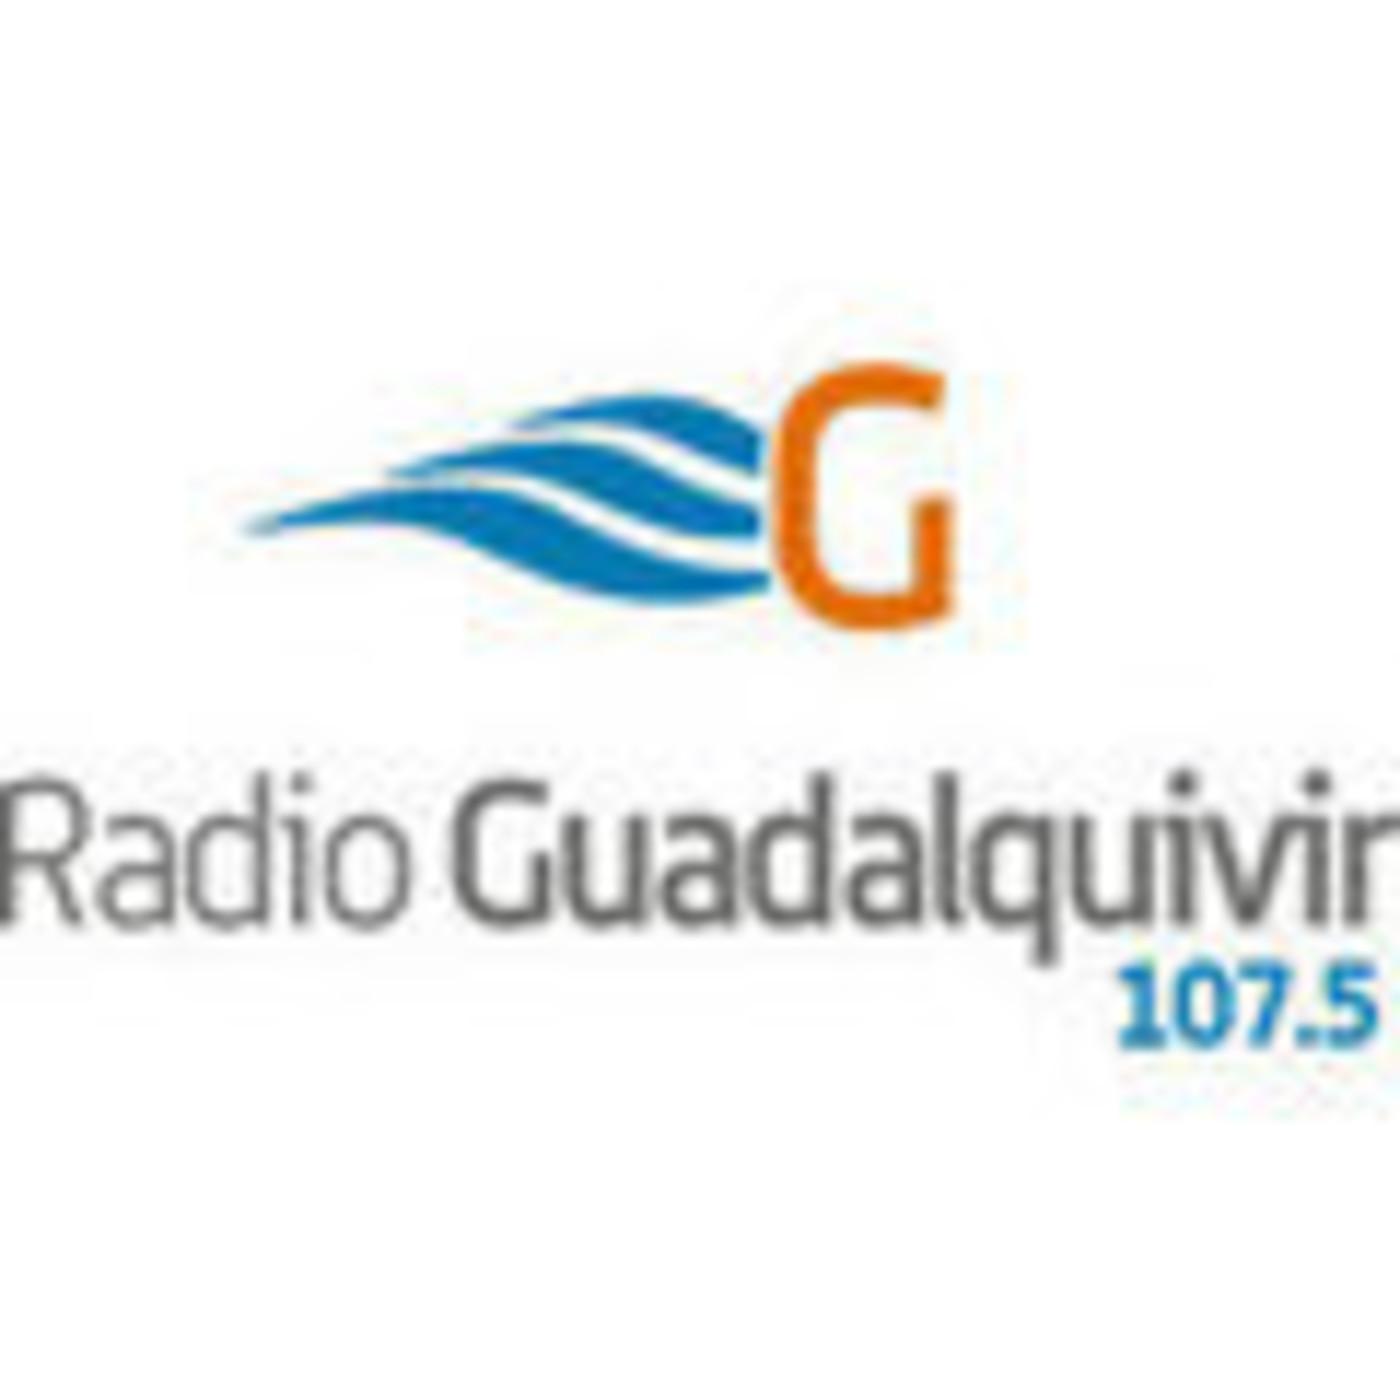 Radio Guadalquivir 107.5